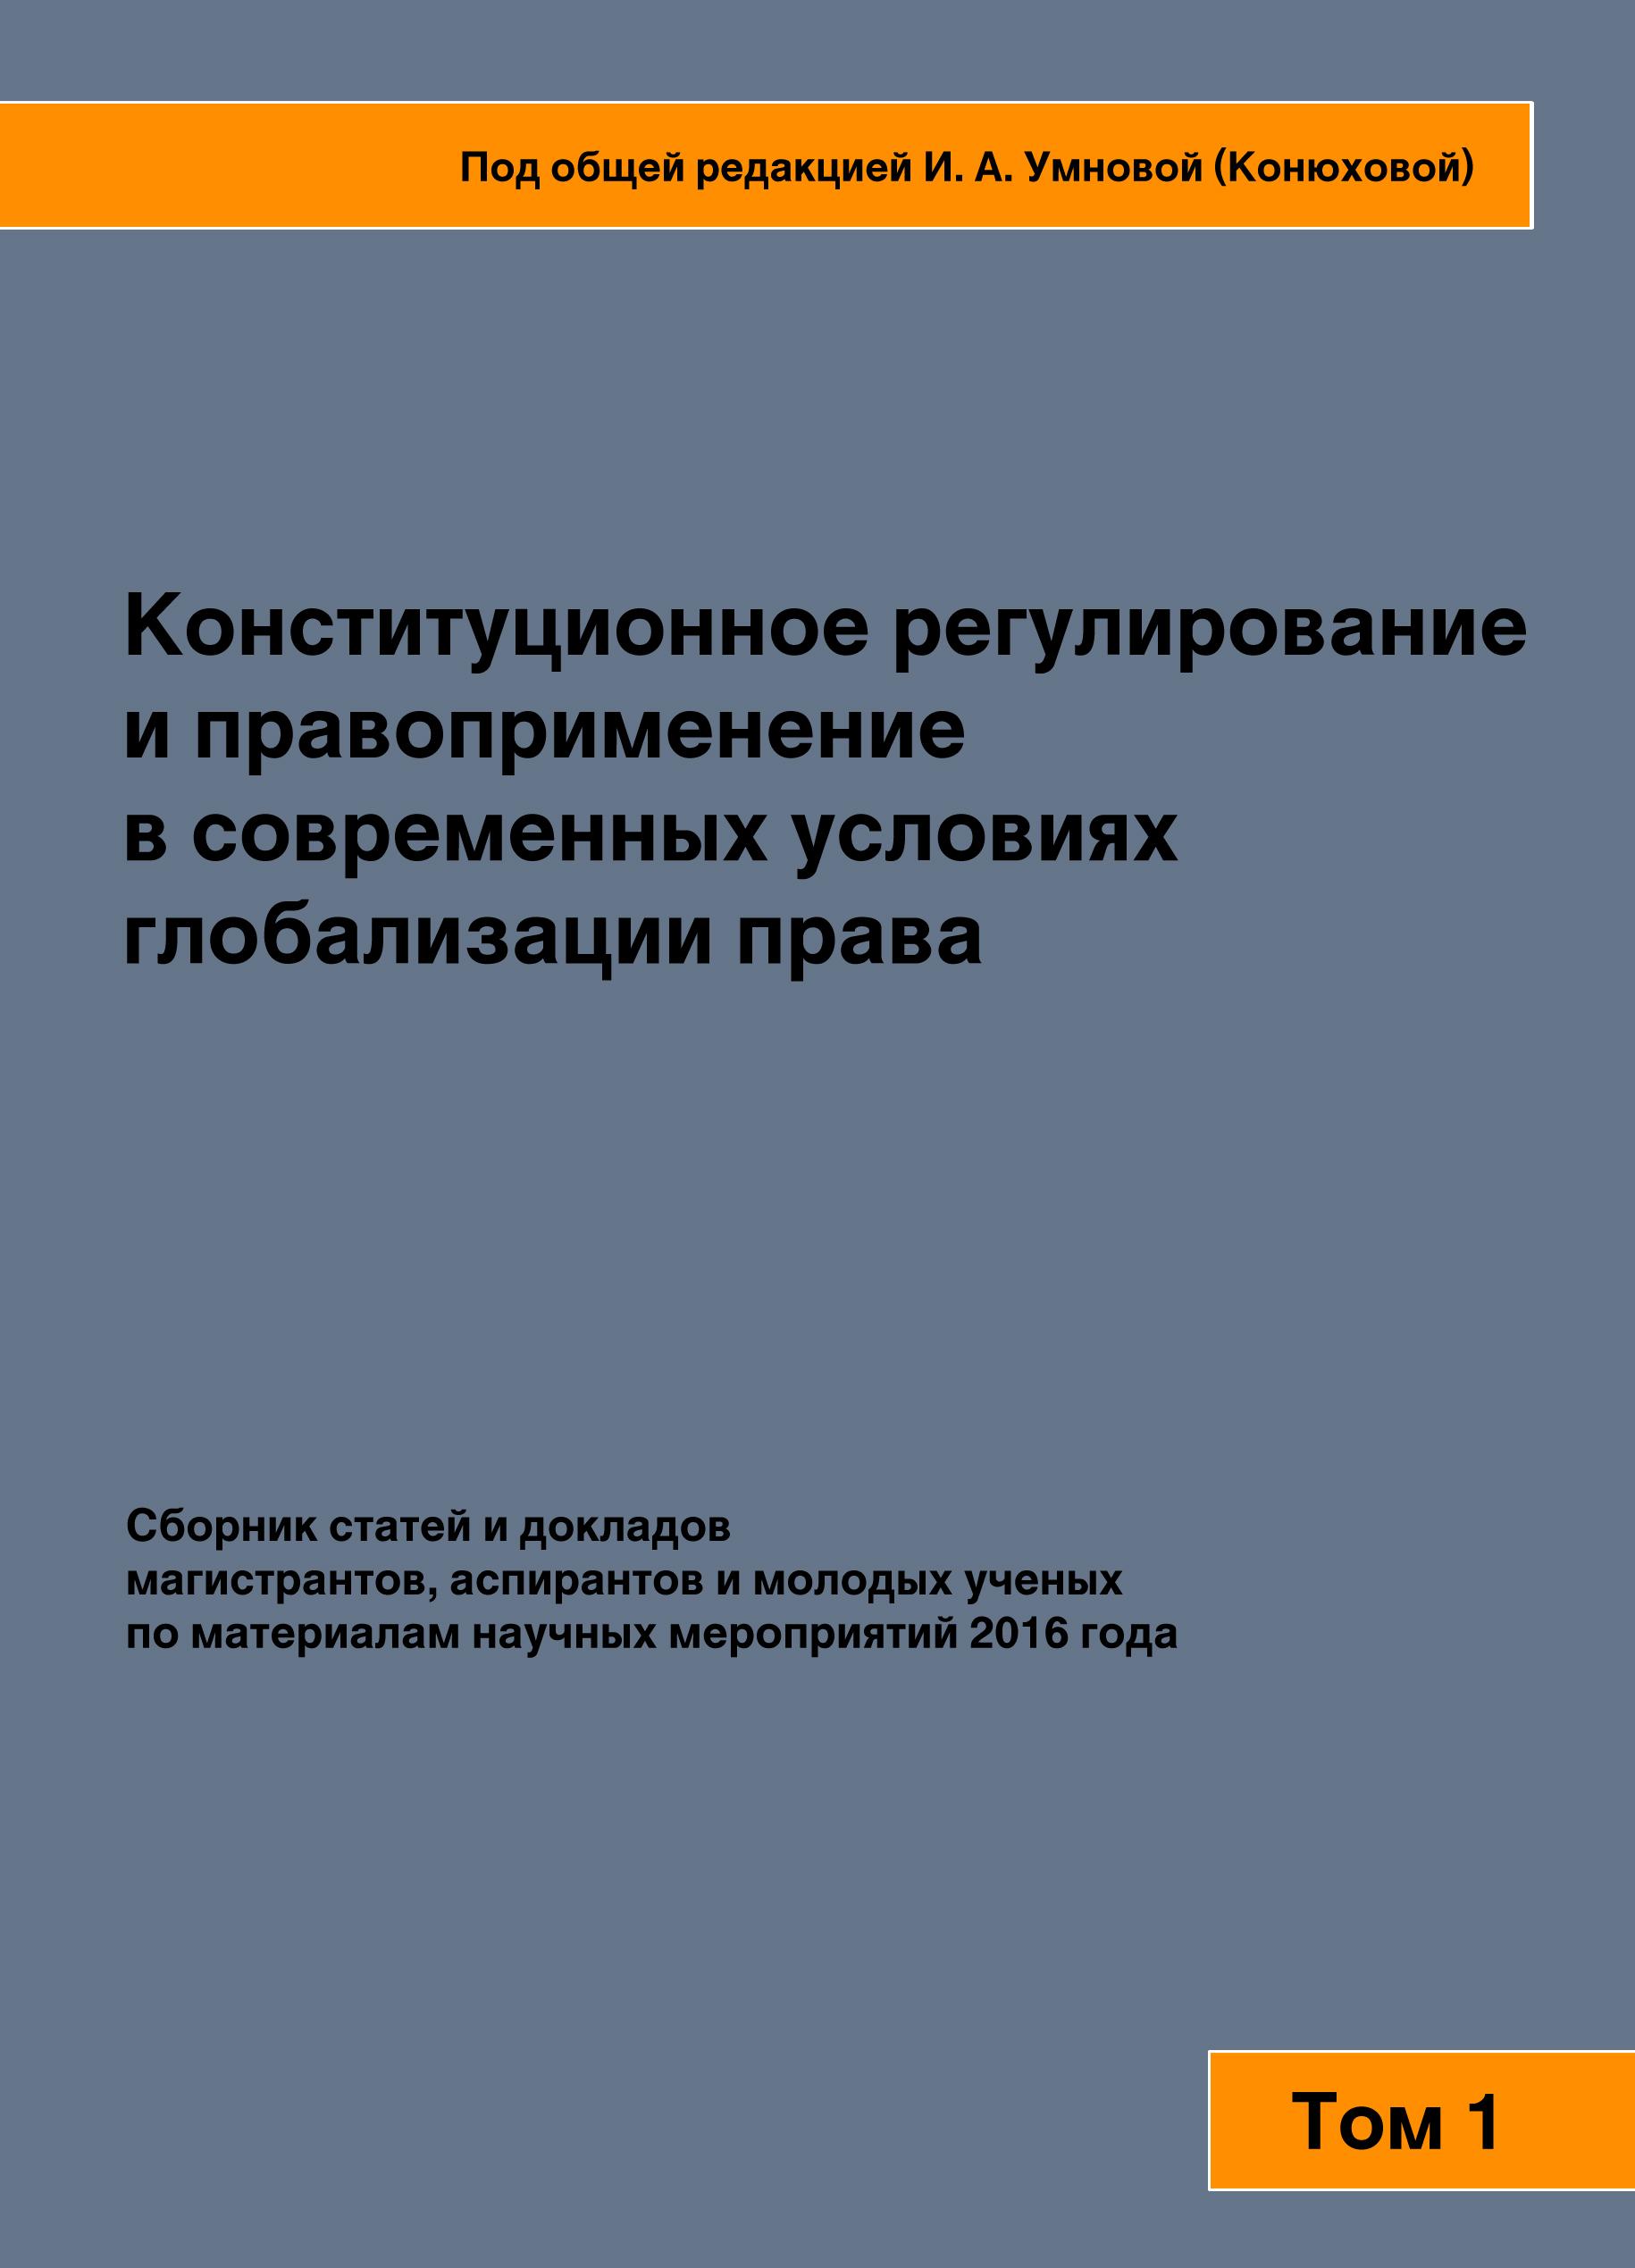 Сборник статей Конституционное регулирование и правоприменение в современных условиях глобализации права. Том 1 цены онлайн